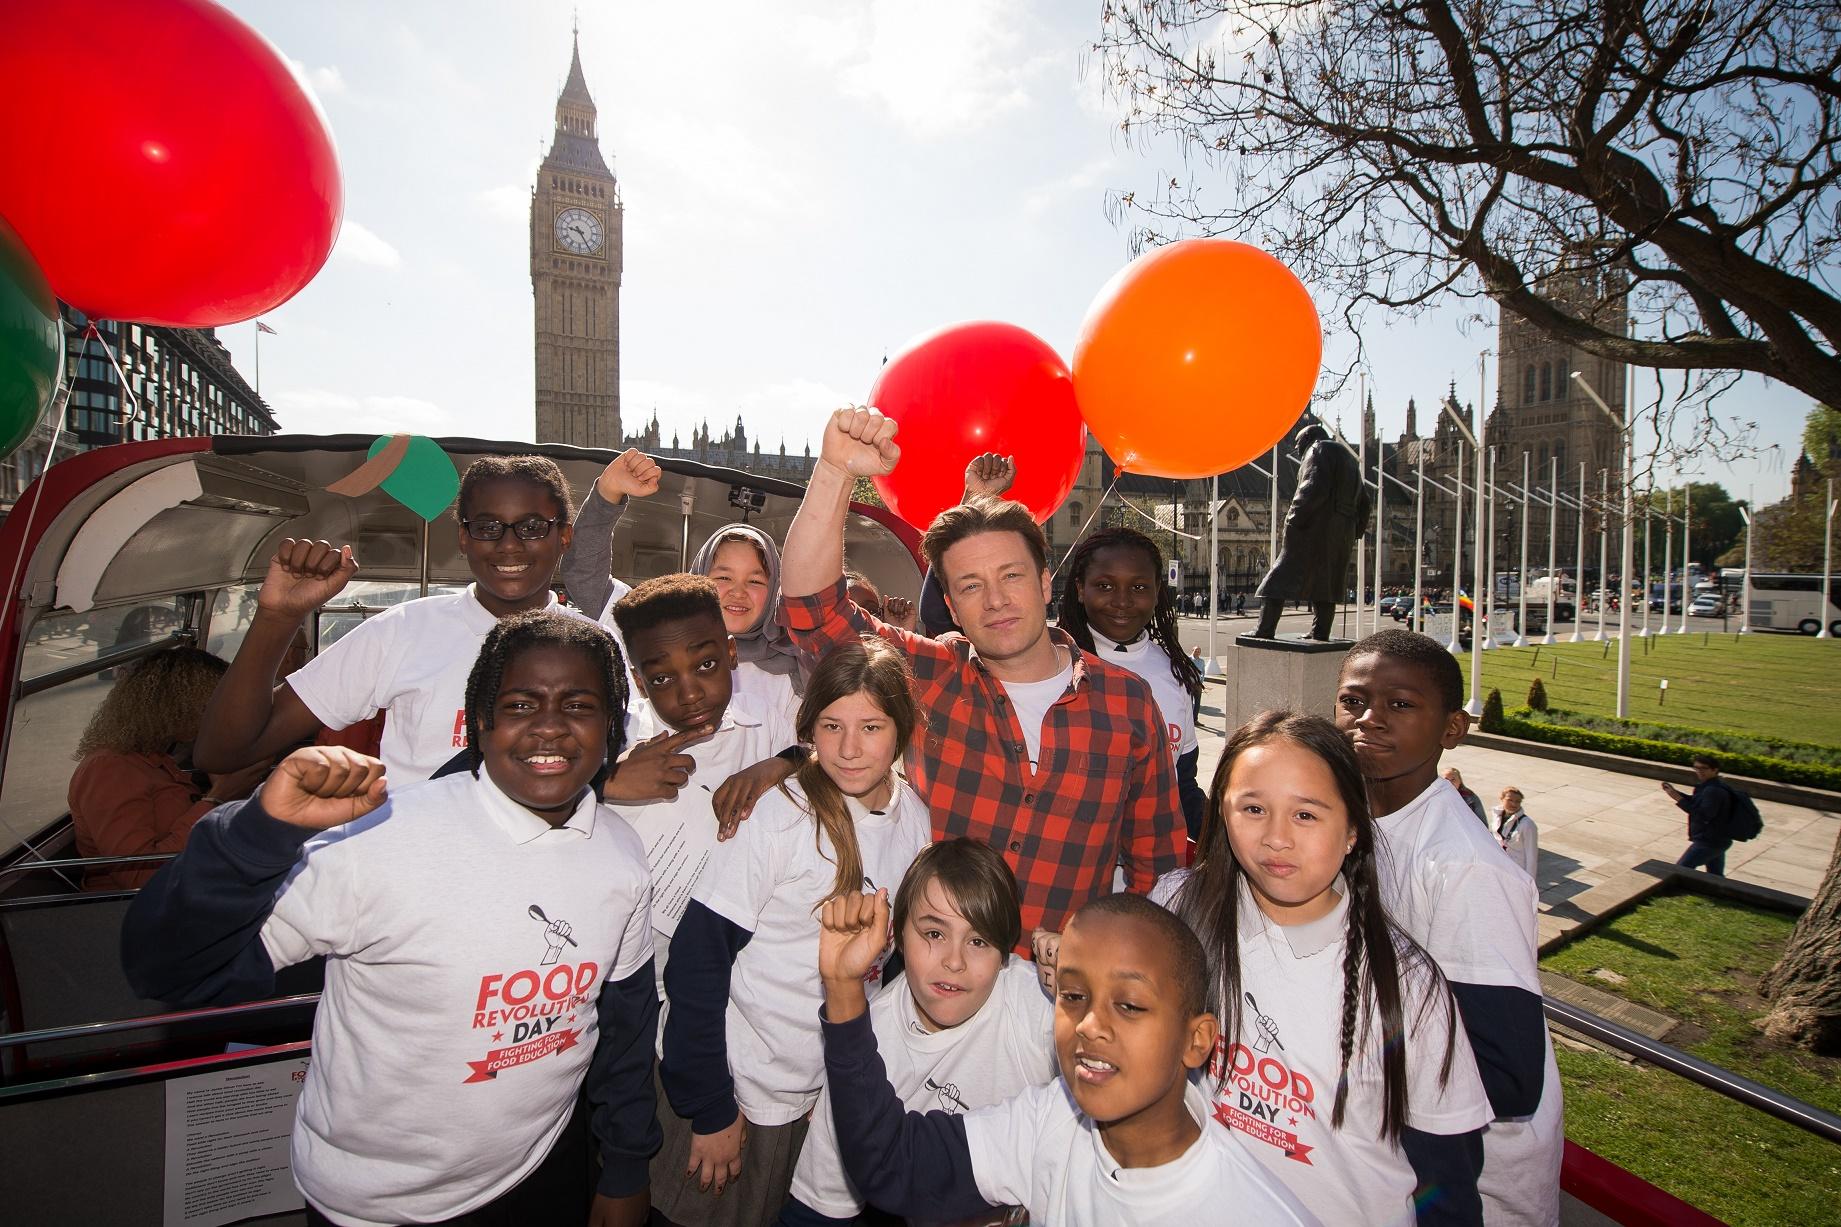 O Chef Jamie Oliver, umas das lideranças mundiais no combate à obesidade infantil, achou tímida a decisão do governo britânico. Foto de Leon Neal/AFP